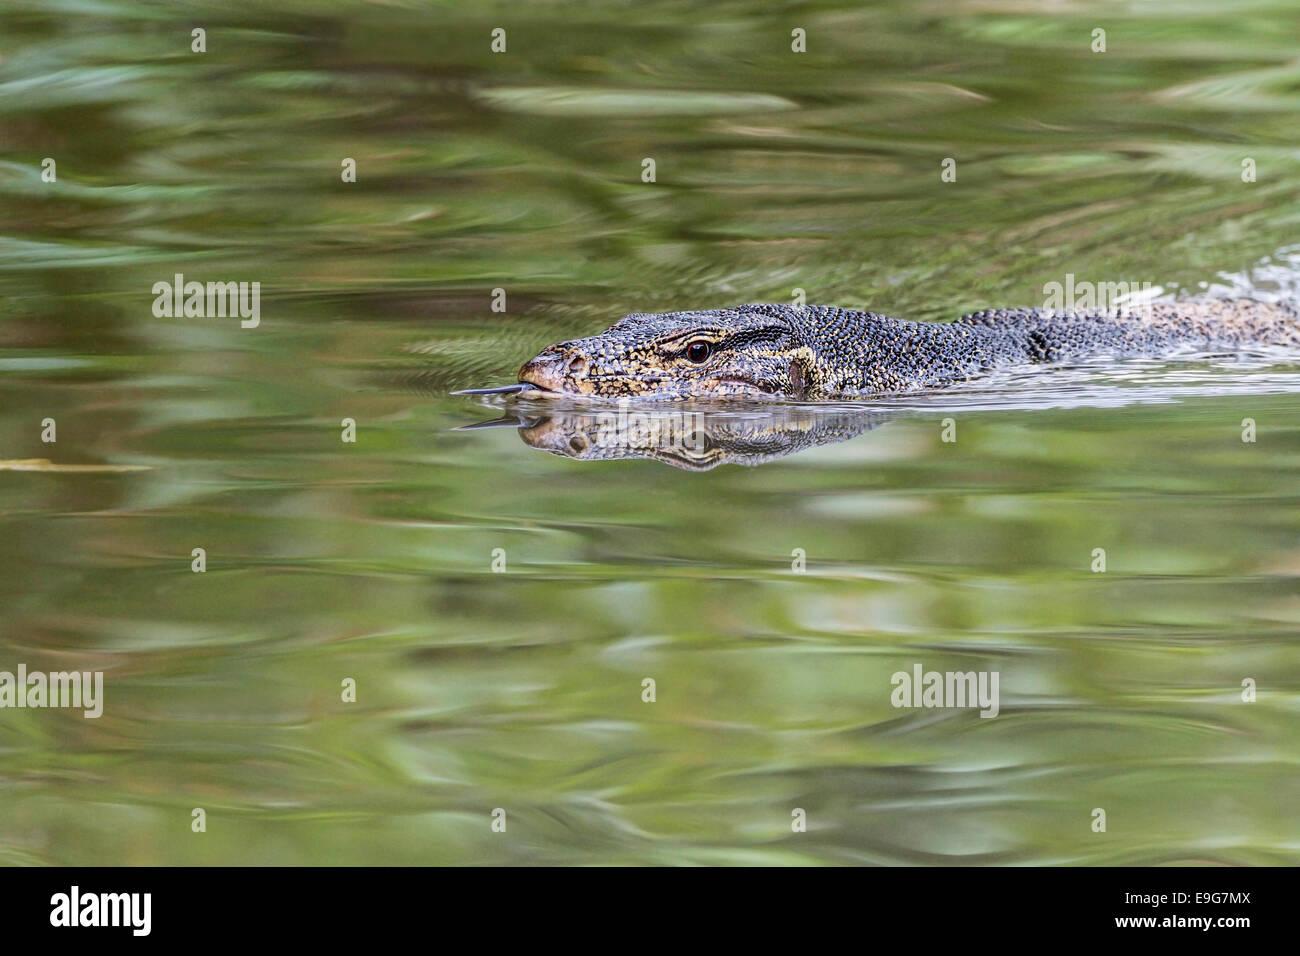 Monitor de agua Malaya (Varanus salvator) utiliza su lengüeta bifurcada para detectar desde qué dirección Imagen De Stock